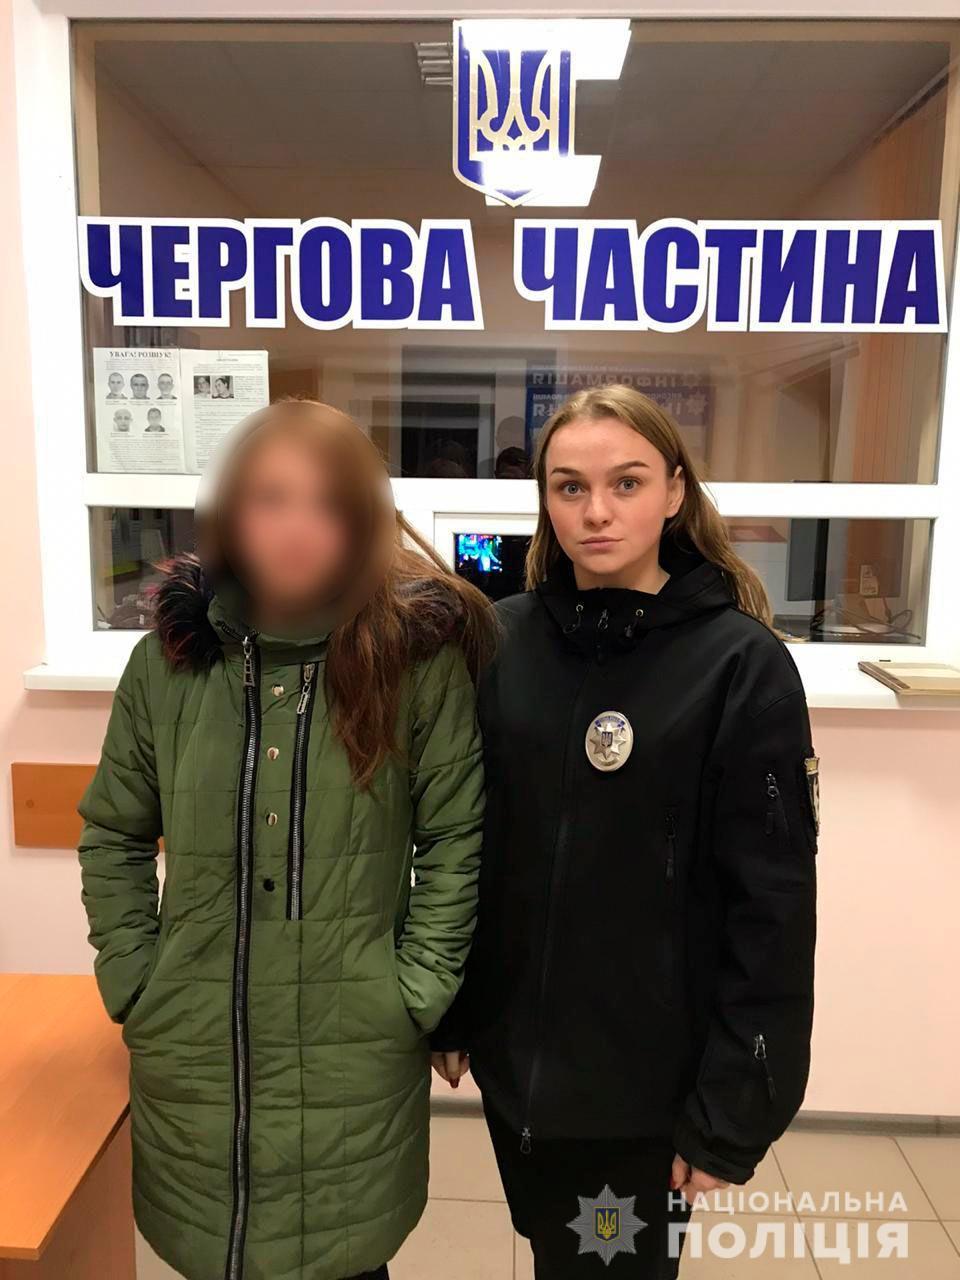 «Извините, я уехала»: несовершеннолетняя сбежала из дома. Новости Днепра